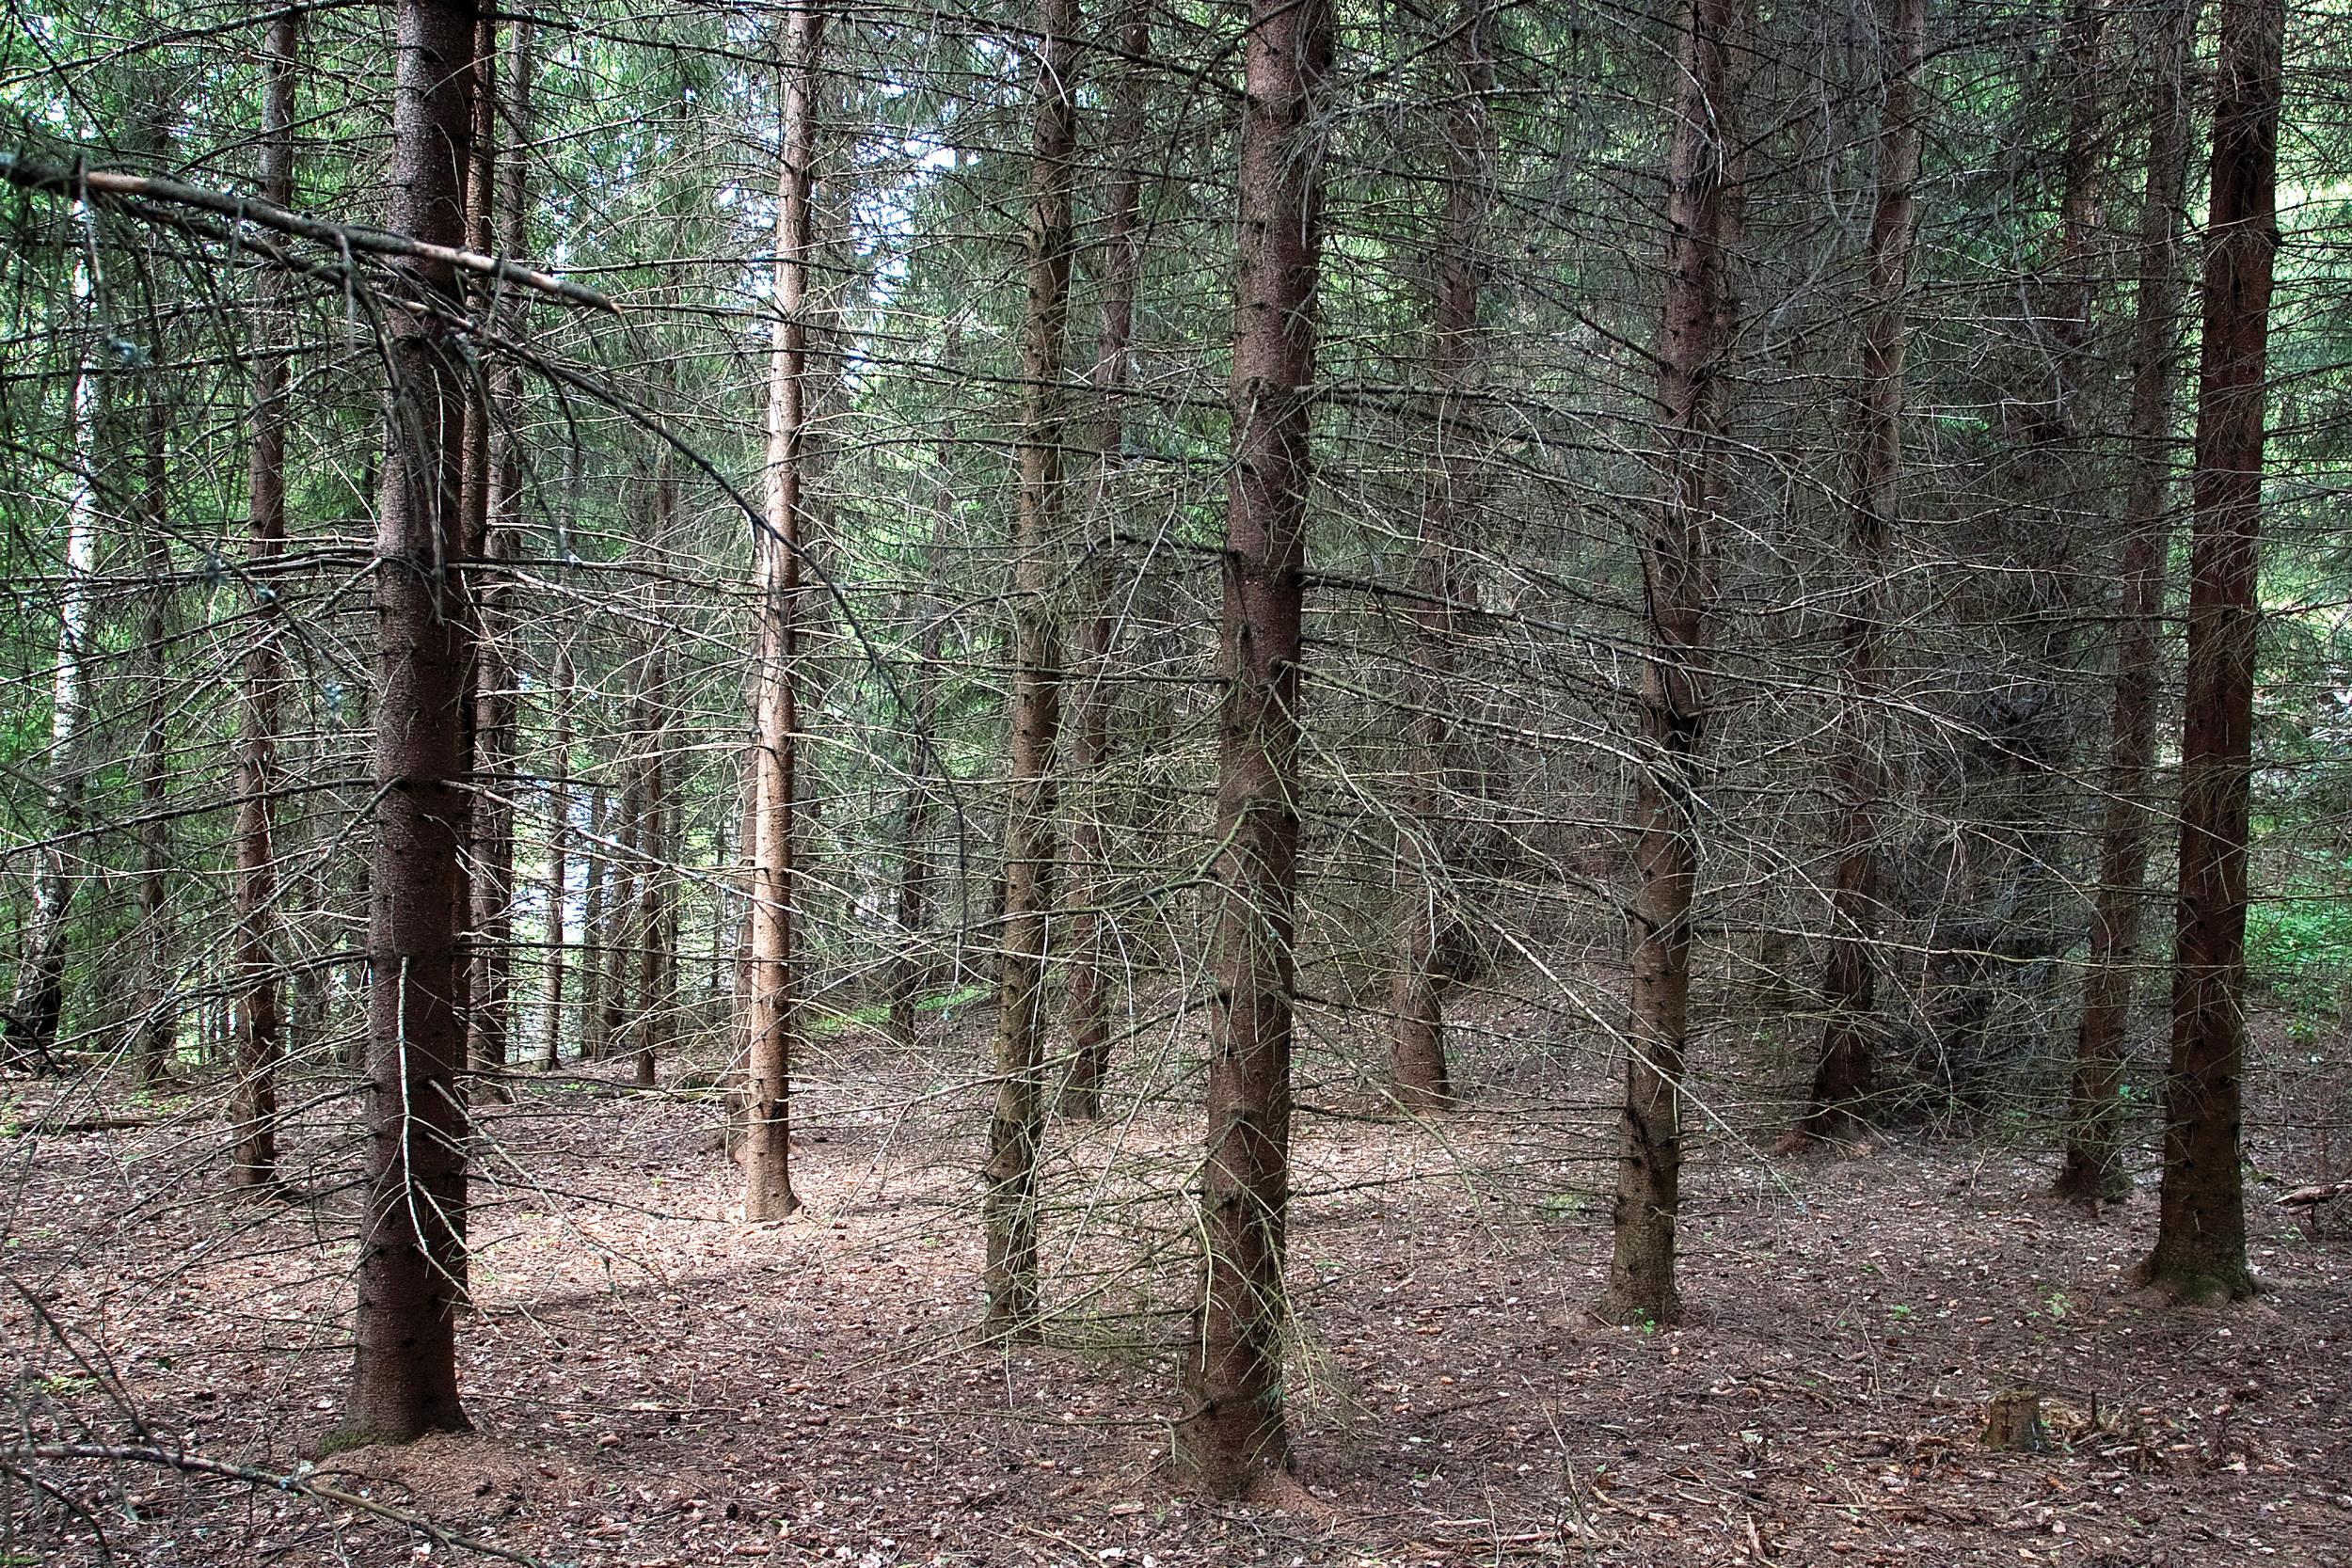 Tette bestand som utnytter markas produksjonsevne godt har bidratt til kraftig økning av stående volum. Nesodden, Akershus. Foto: John Yngvar Larsson, NIBIO